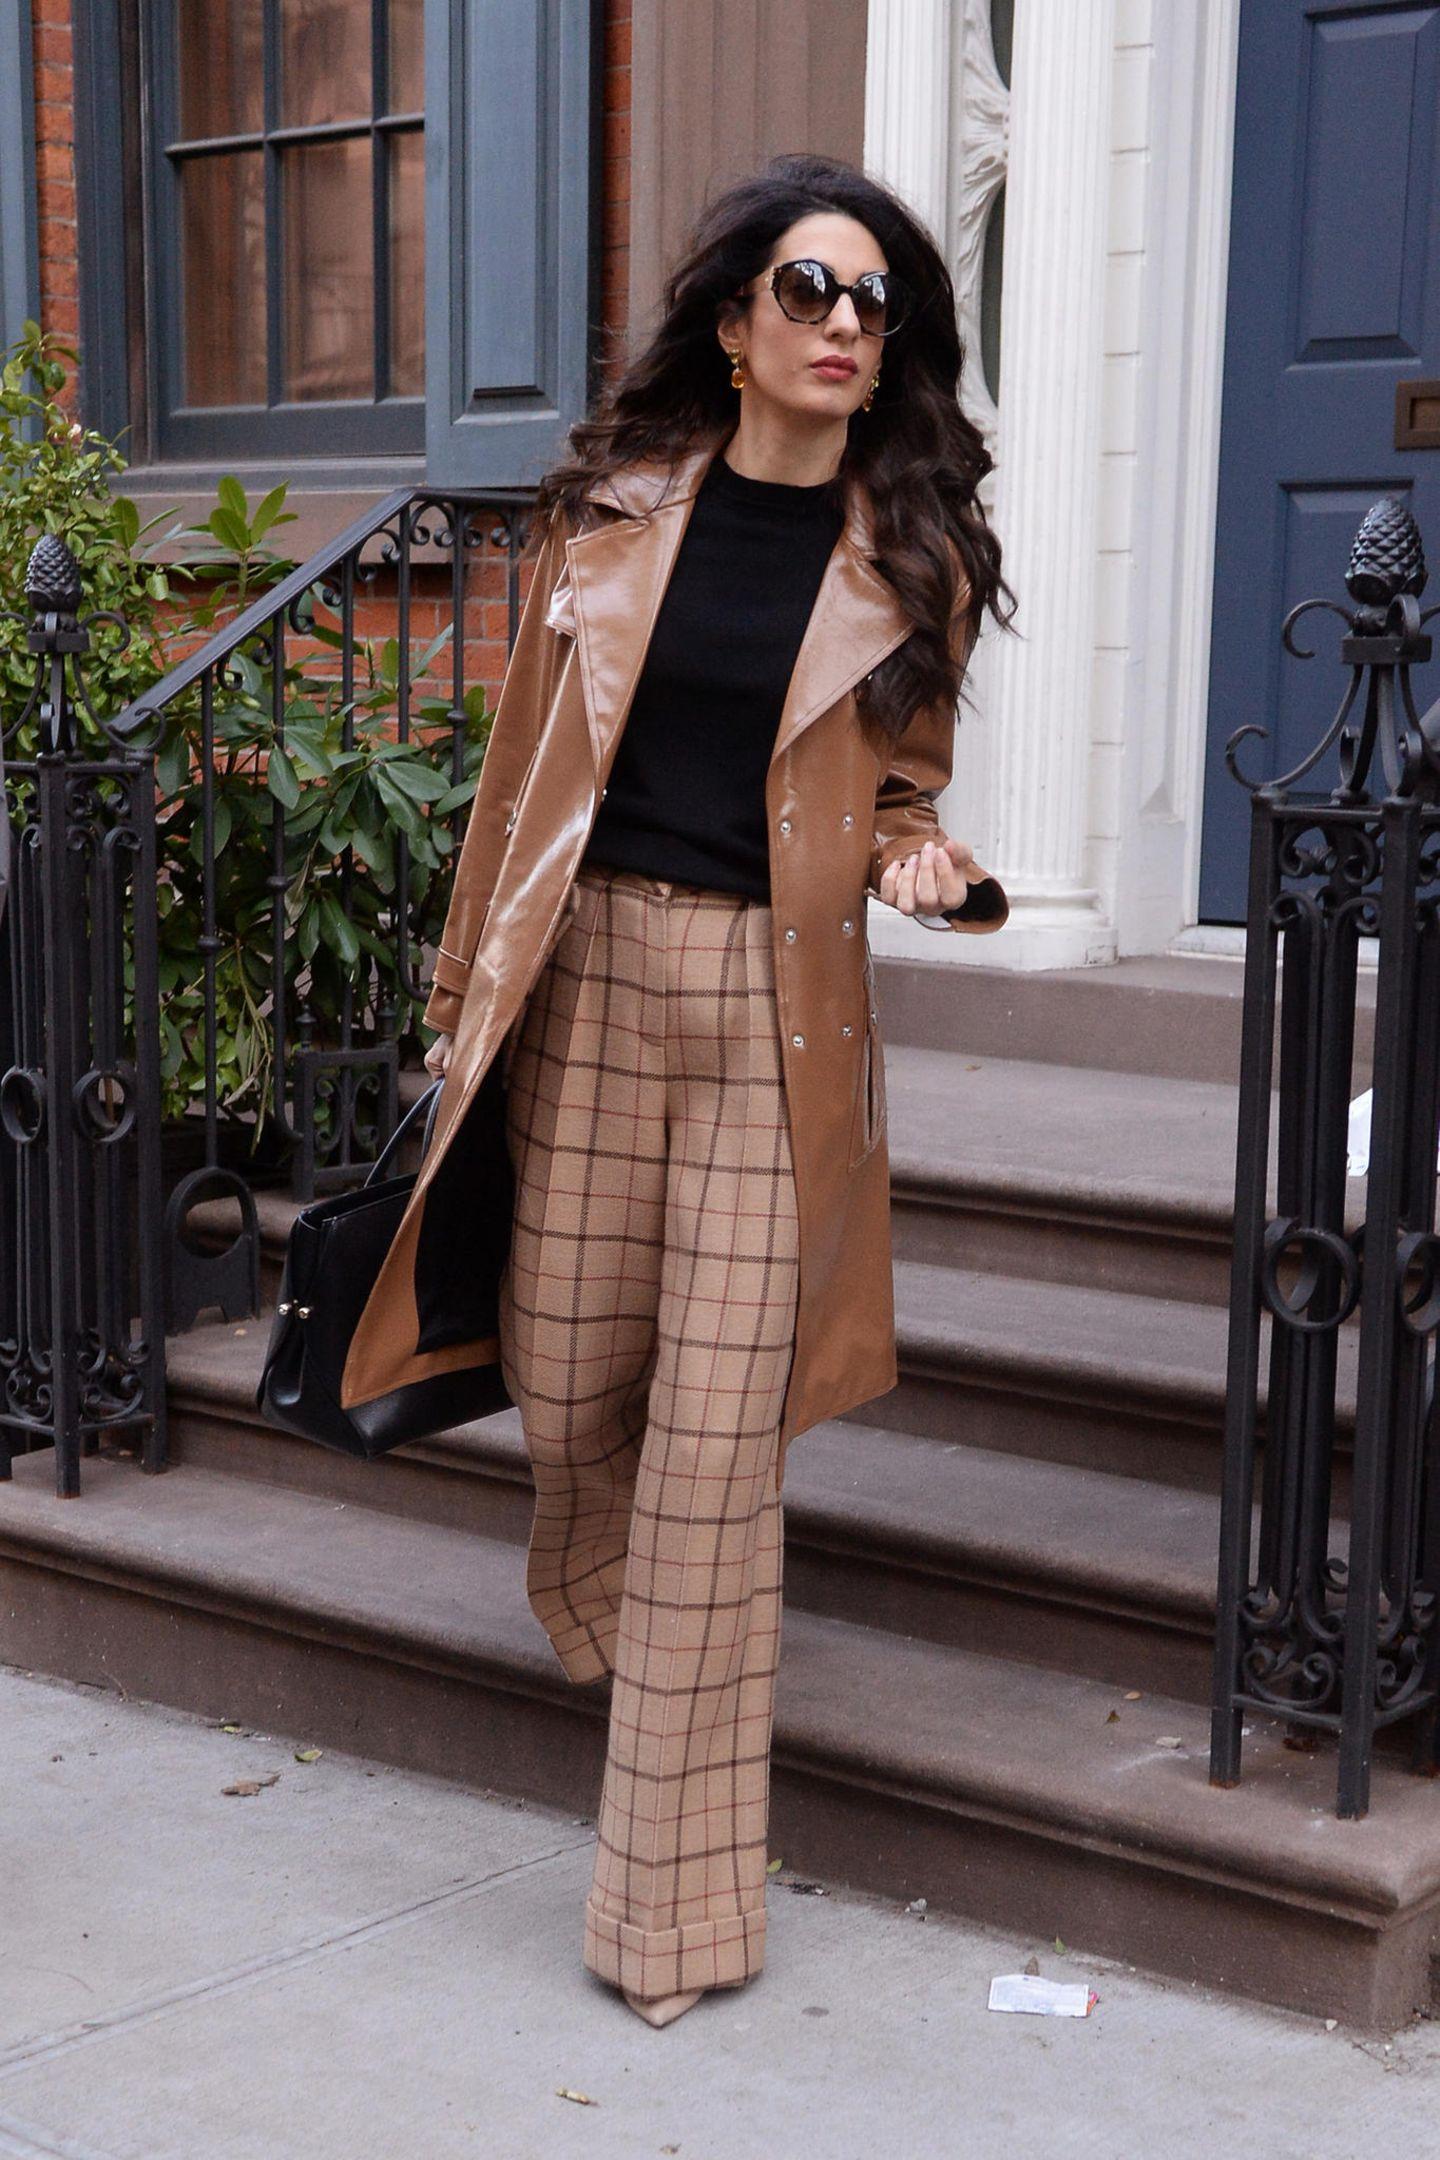 """In einer karierten Marlene-Hose und einem cognac-farbenen Ledermantel von Michael Kors verlässt Amal Clooney ihr Apartment in New York. Eine XL-Sonnenbrille und leichte Wellen im Haar verleihen ihr das gewisse, glamouröse Extra. In der Hand hält sie ihre """"Bar Bag"""" von Dior."""